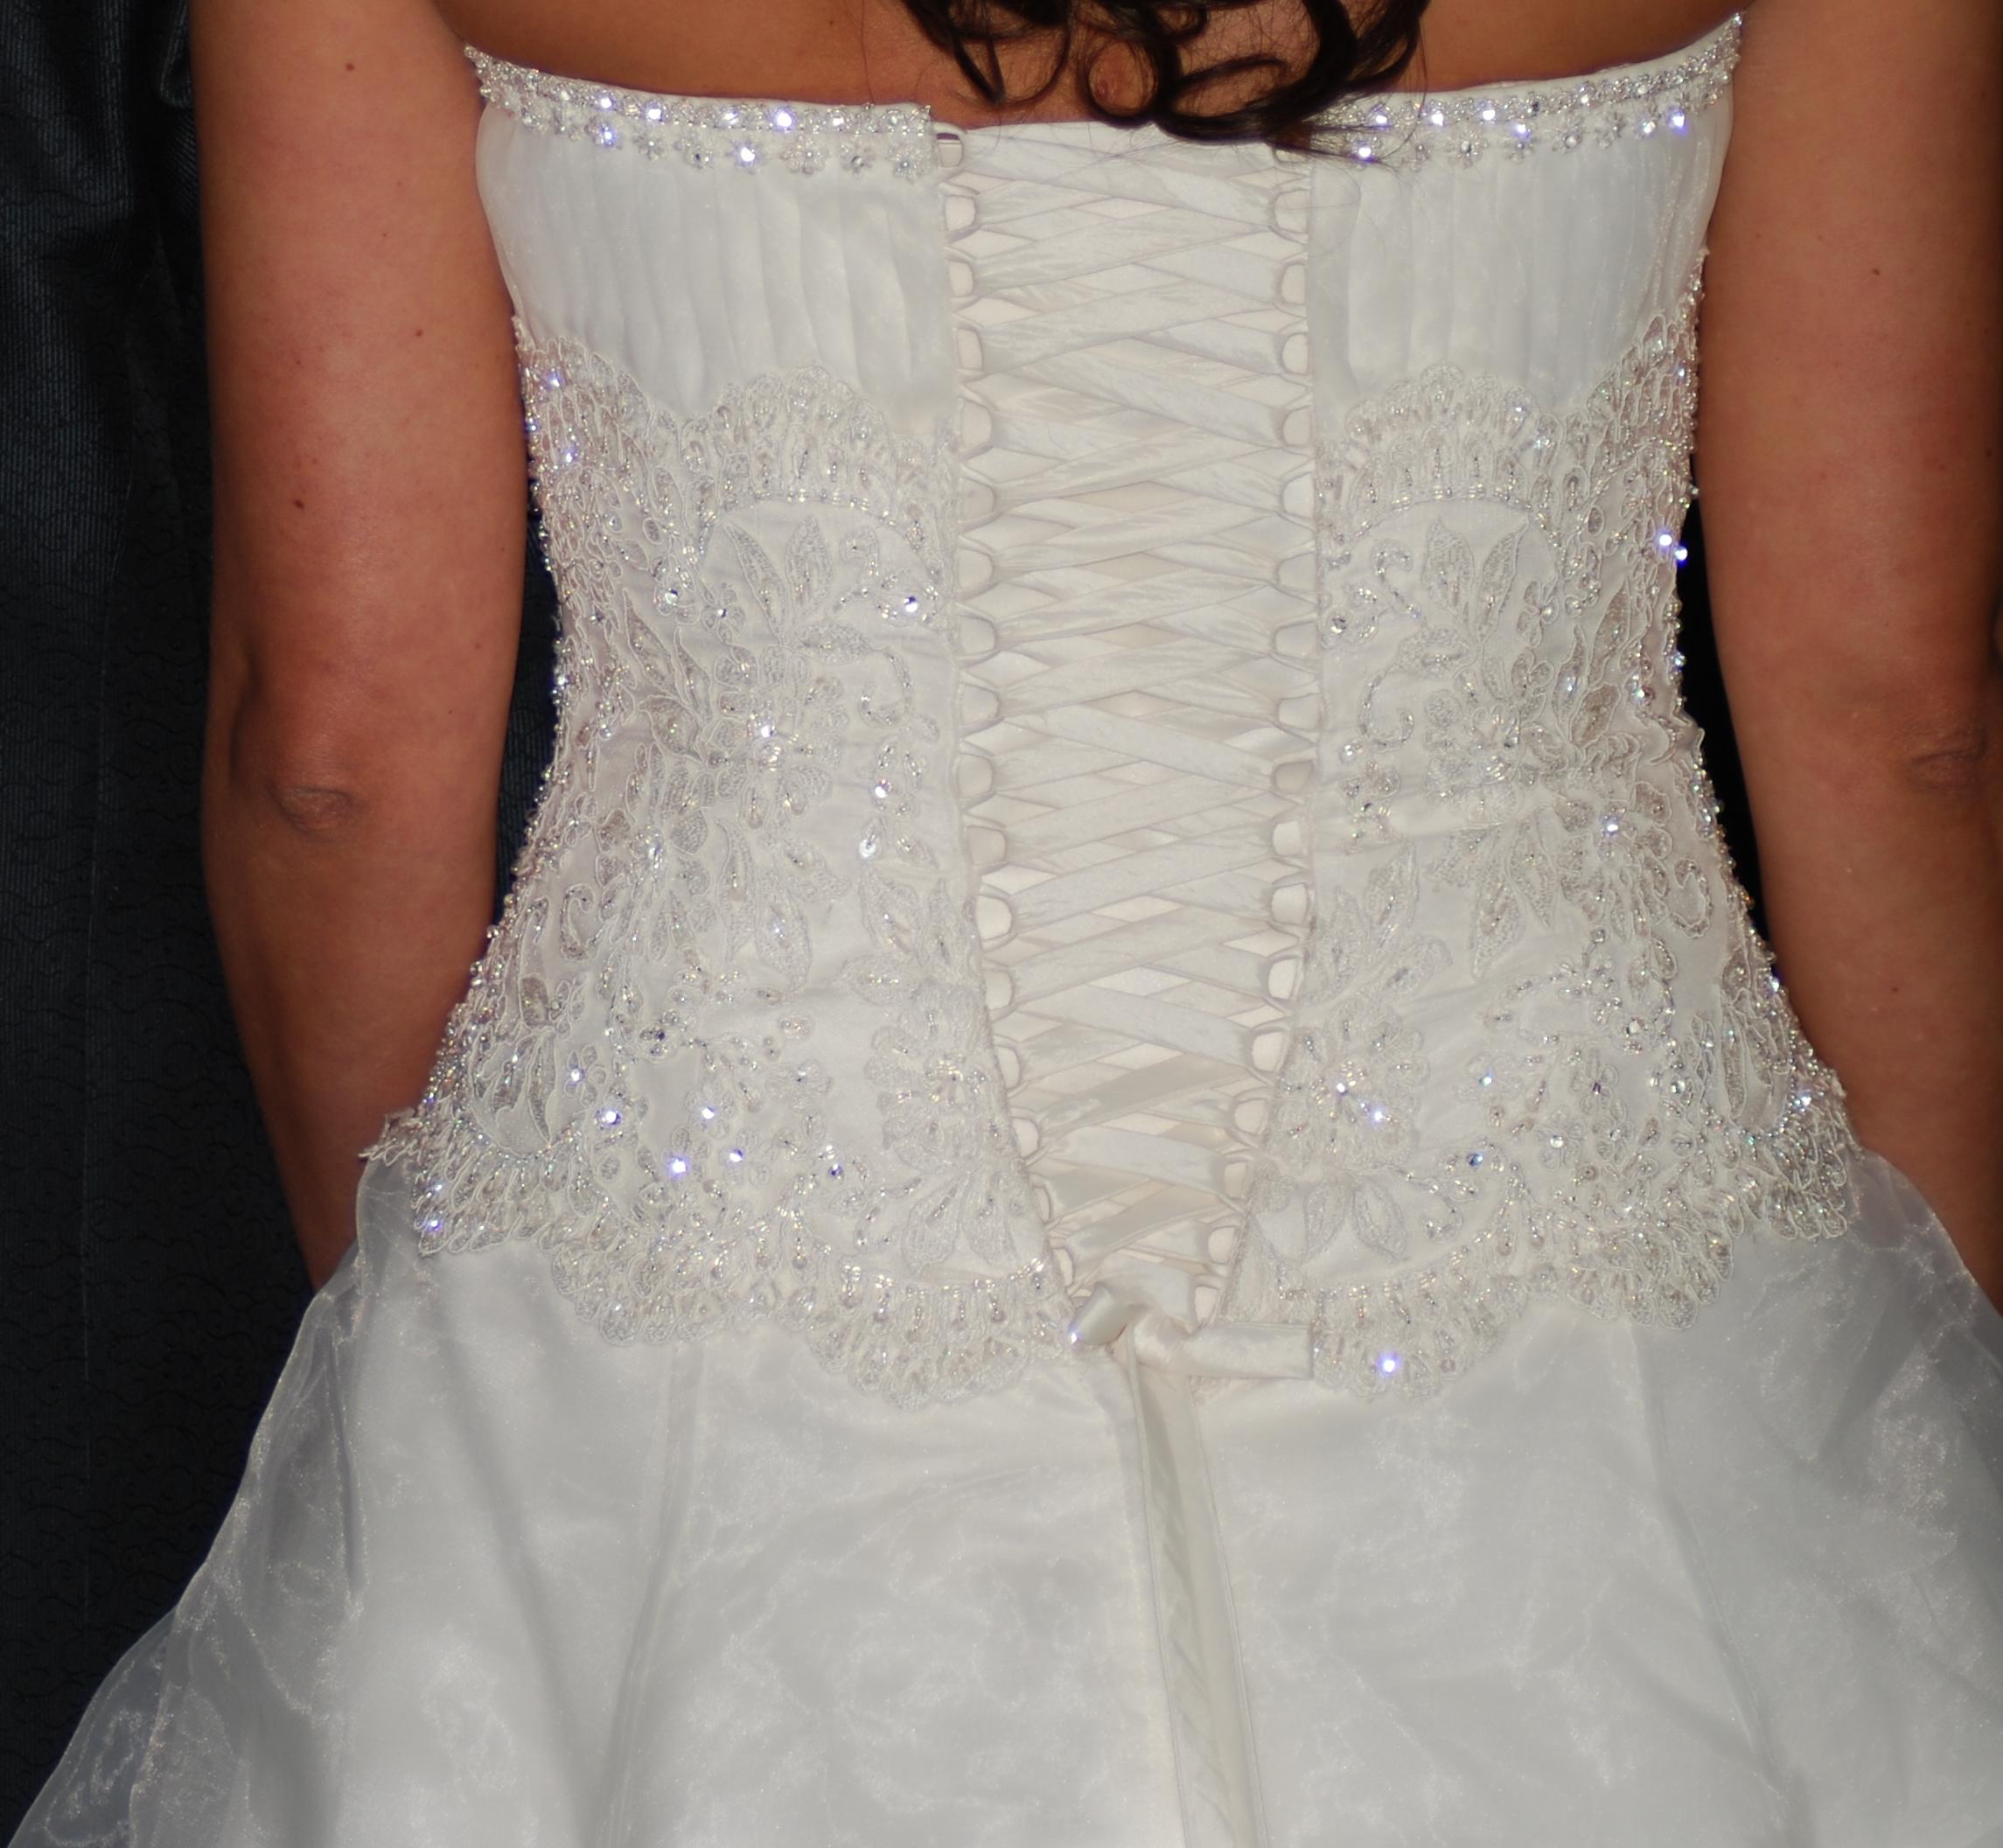 Bröllopsklänningar - bilder - BröllopsGuiden c9193b55c0e17